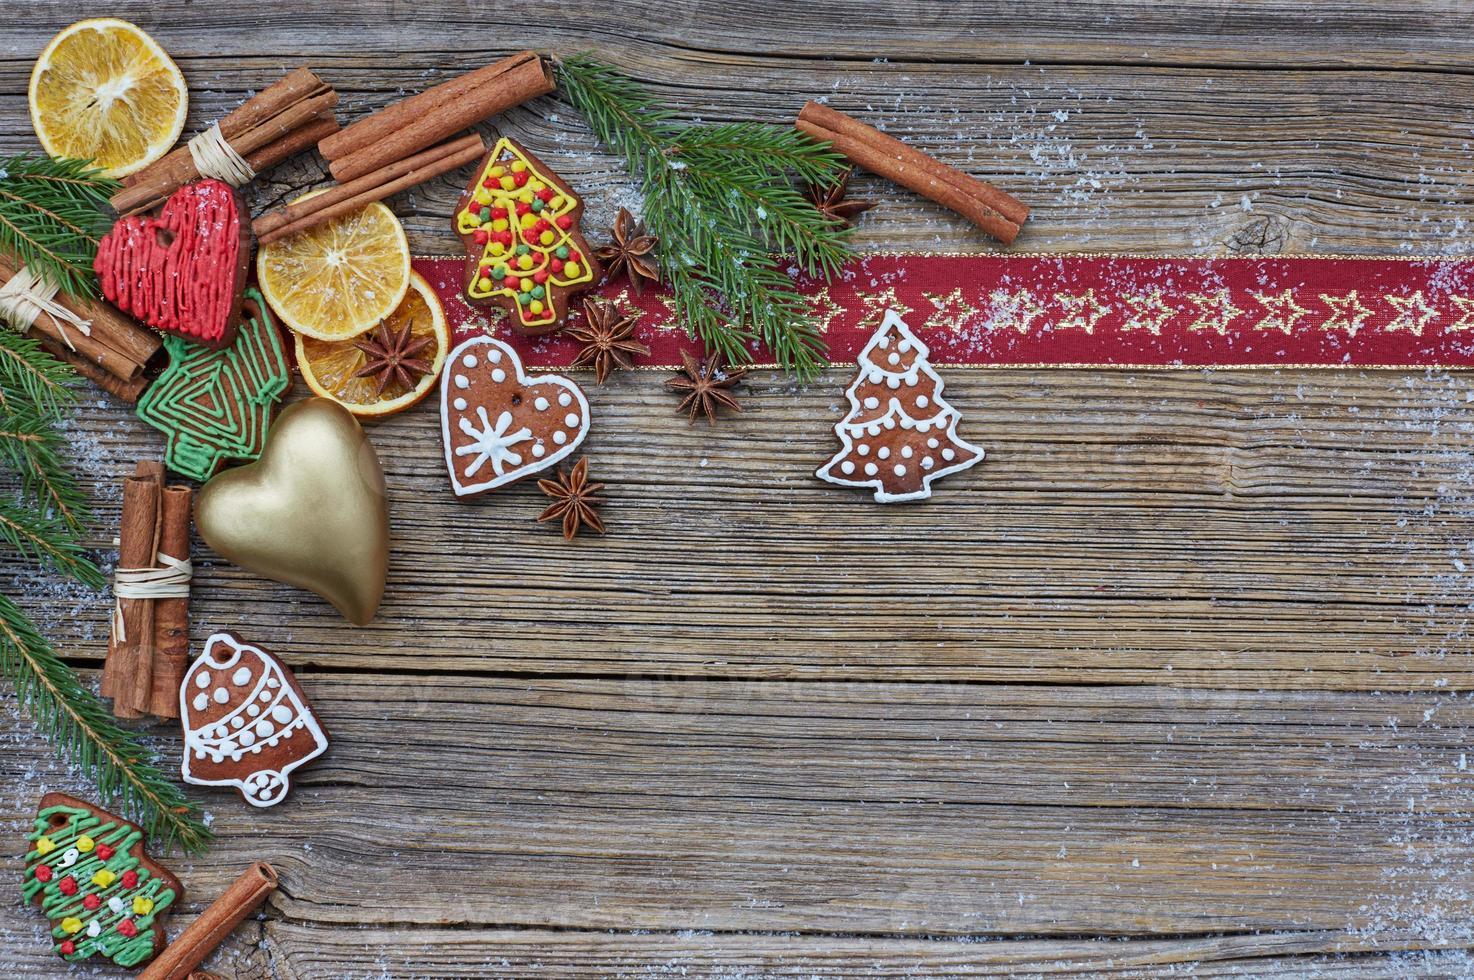 fundo de madeira de Natal com decoração. copie o espaço foto